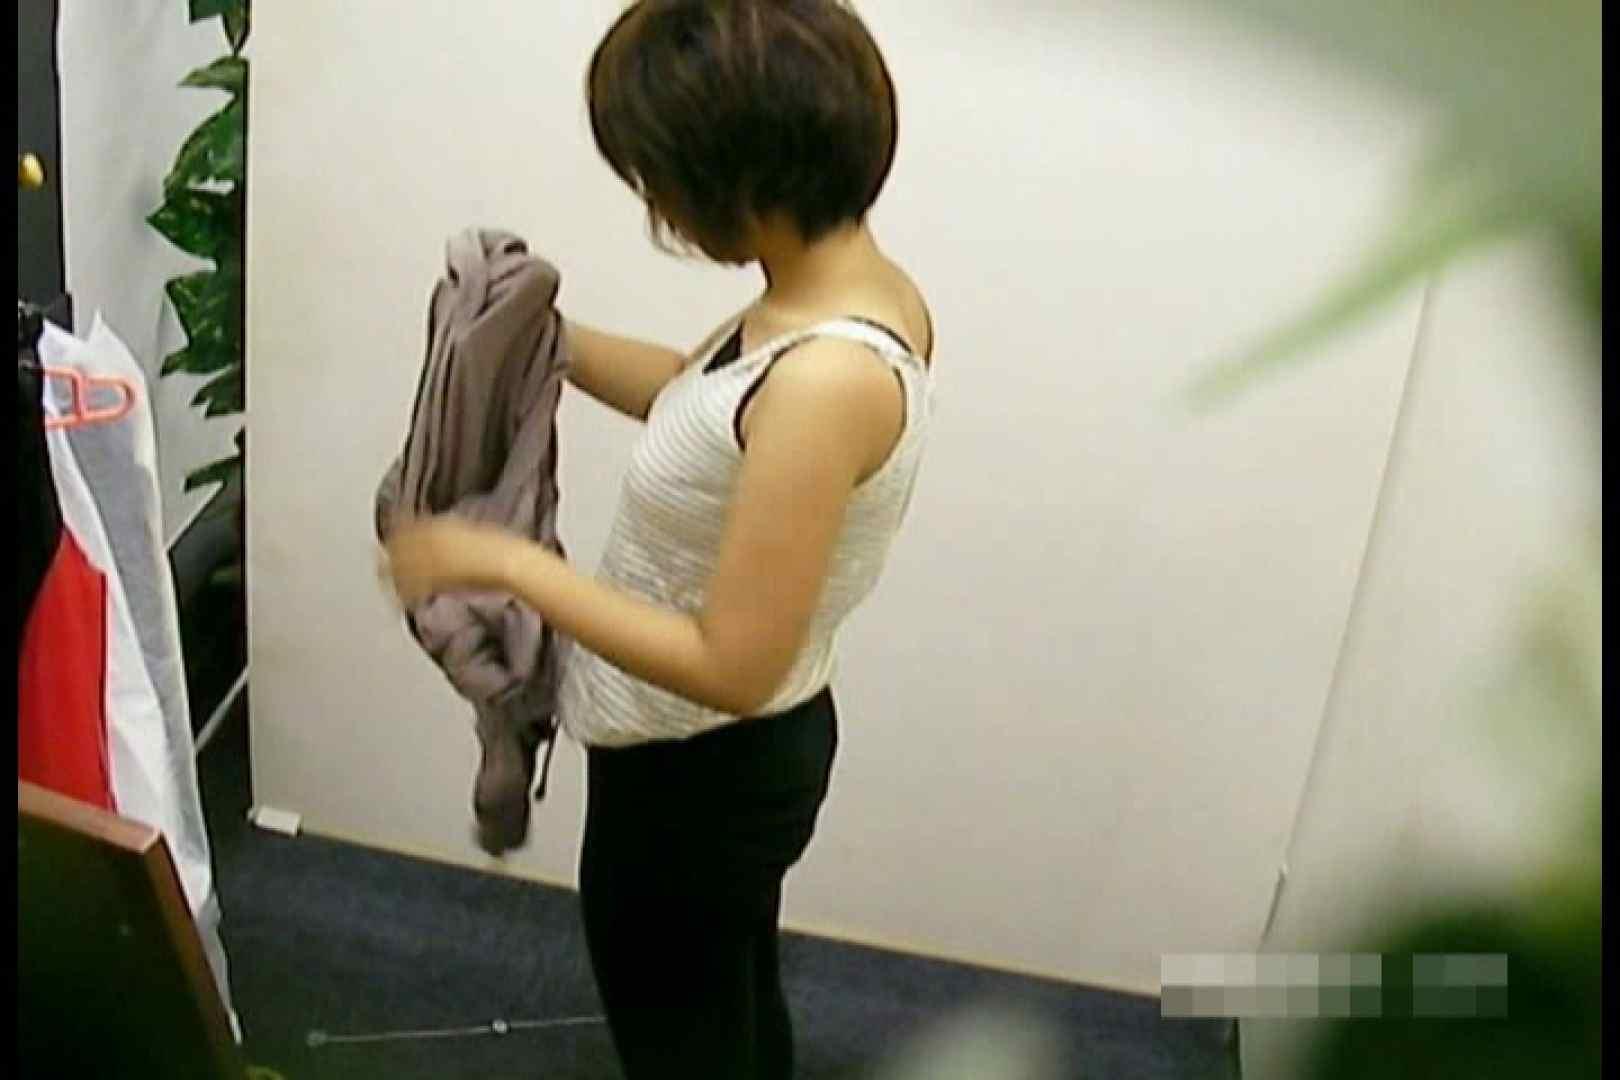 素人撮影 下着だけの撮影のはずが・・・エミちゃん18歳 乳首  95pic 90